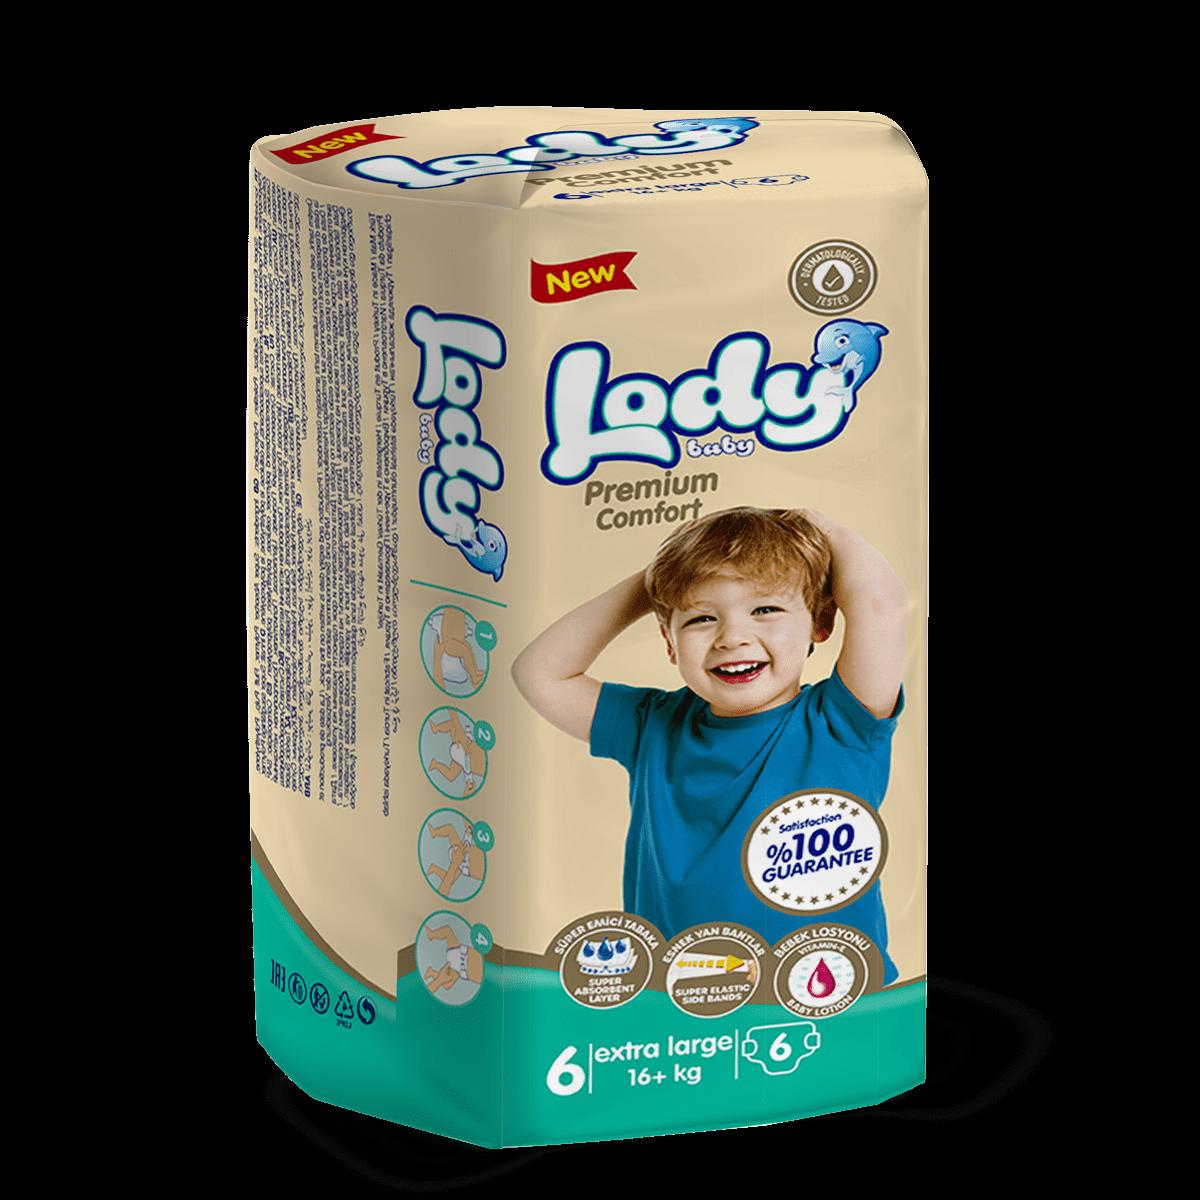 LODY BABY XL ( 16 + Kg ) Küçük Paket